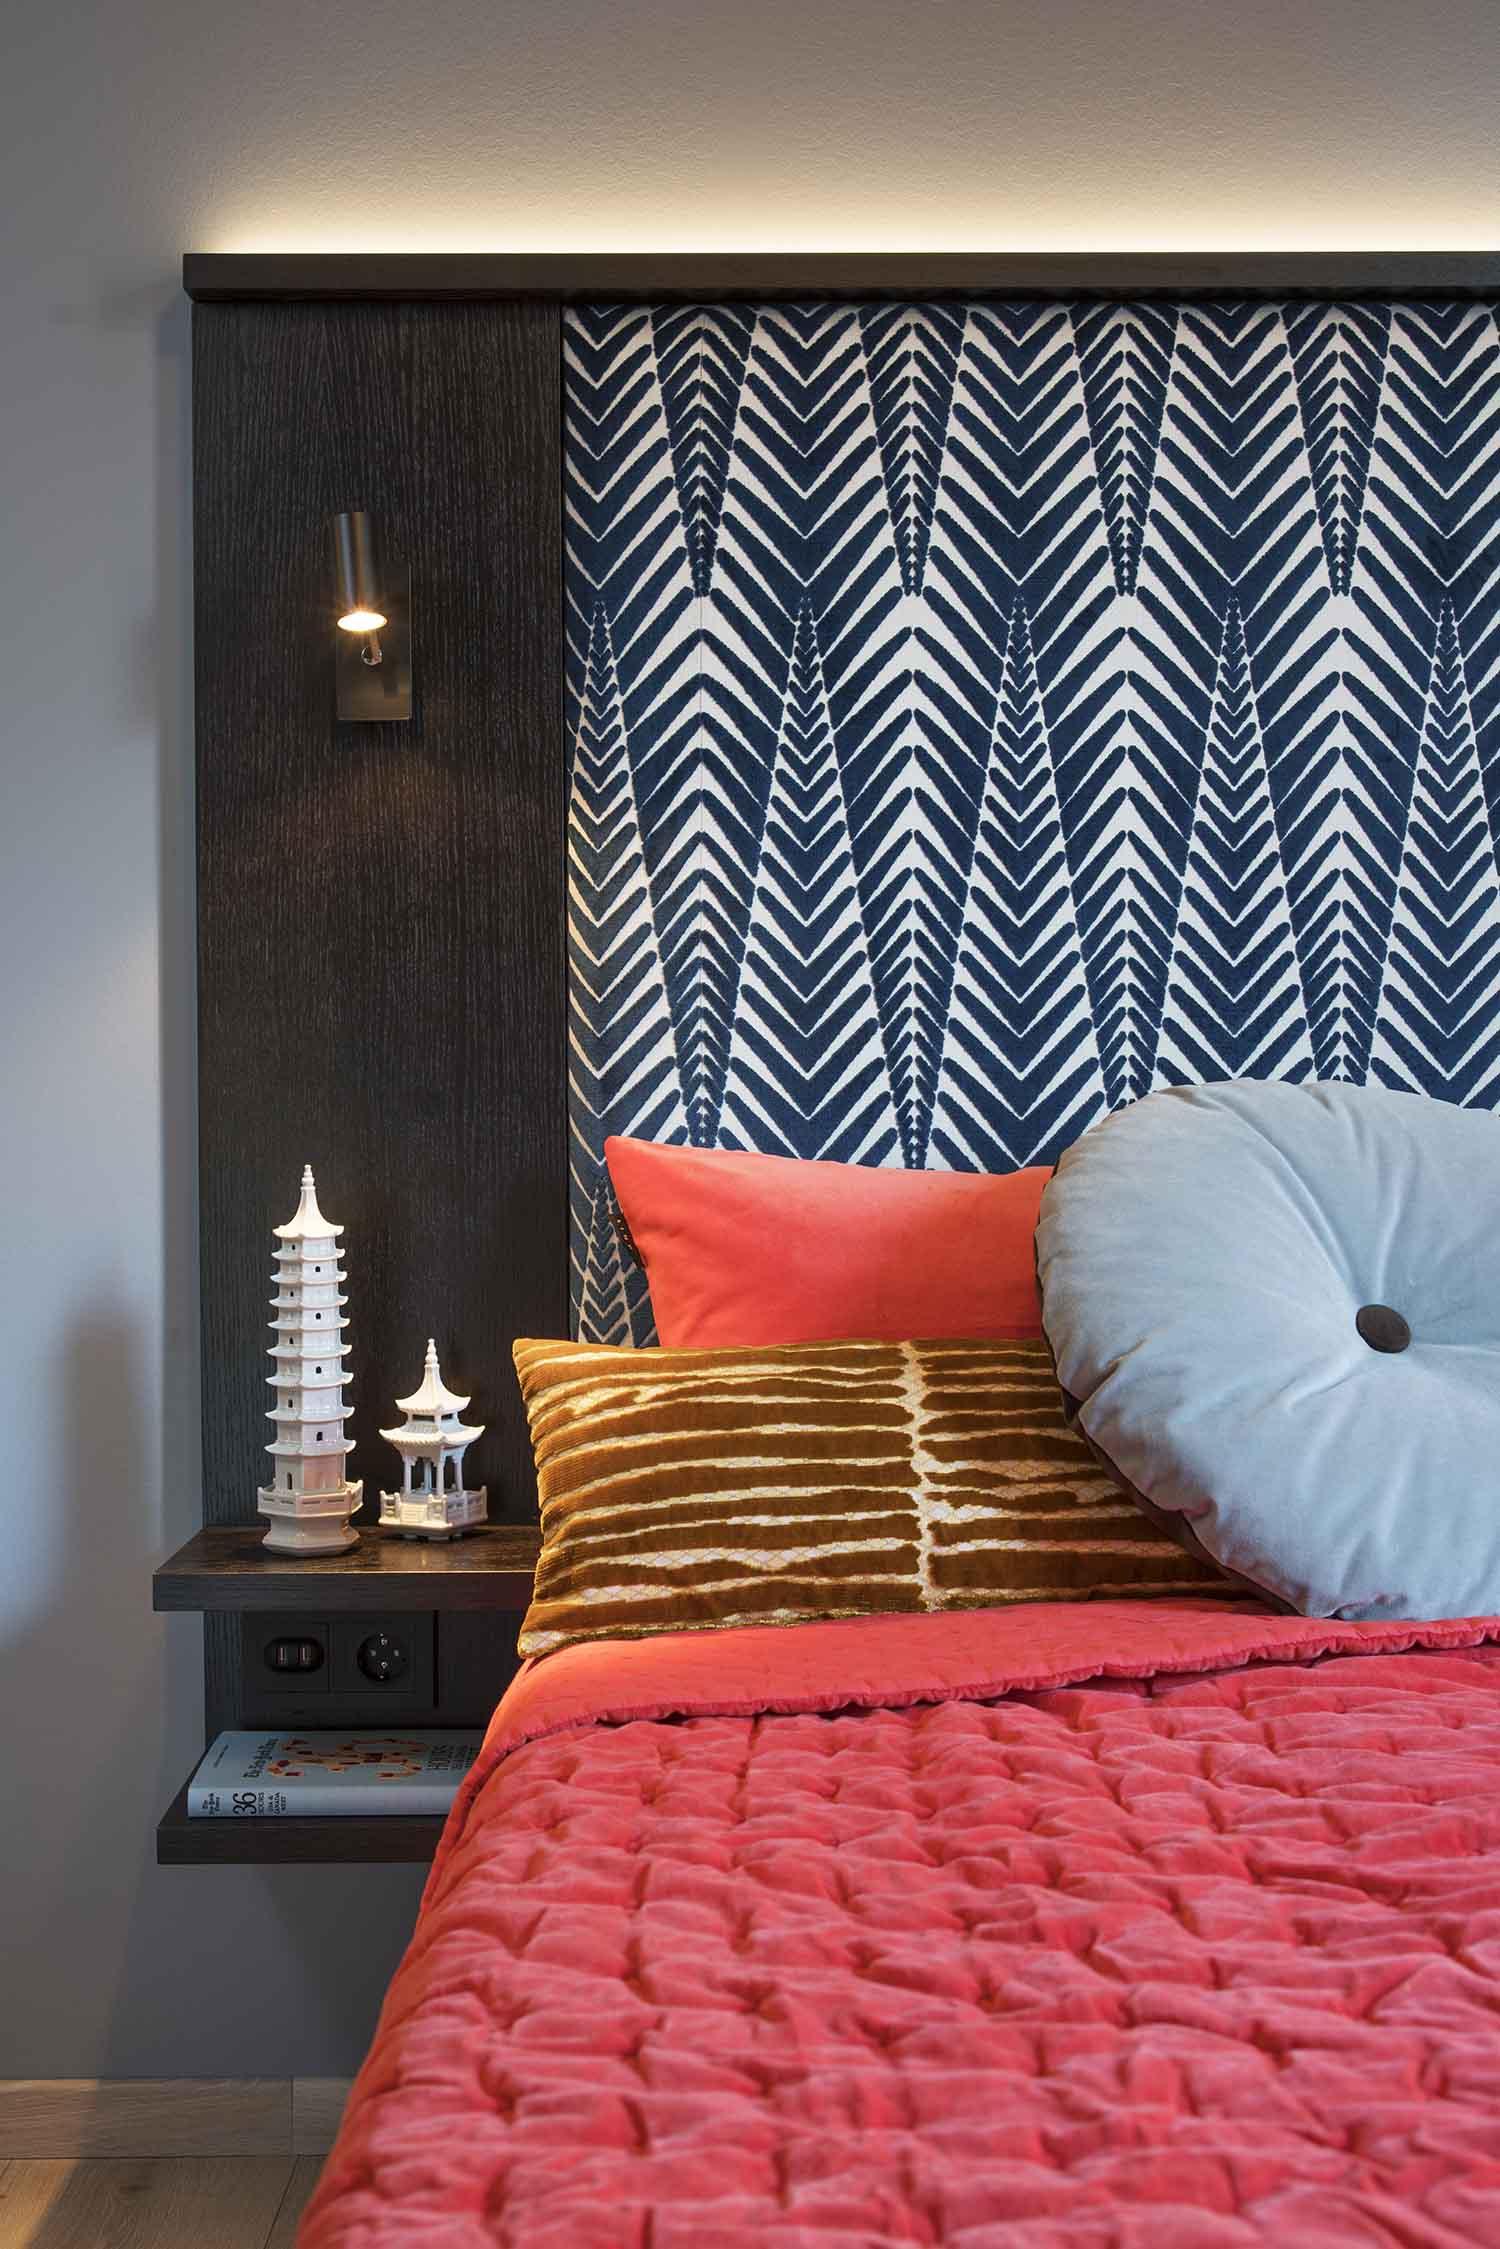 hotell, soverom, seng, nattbord, interiør